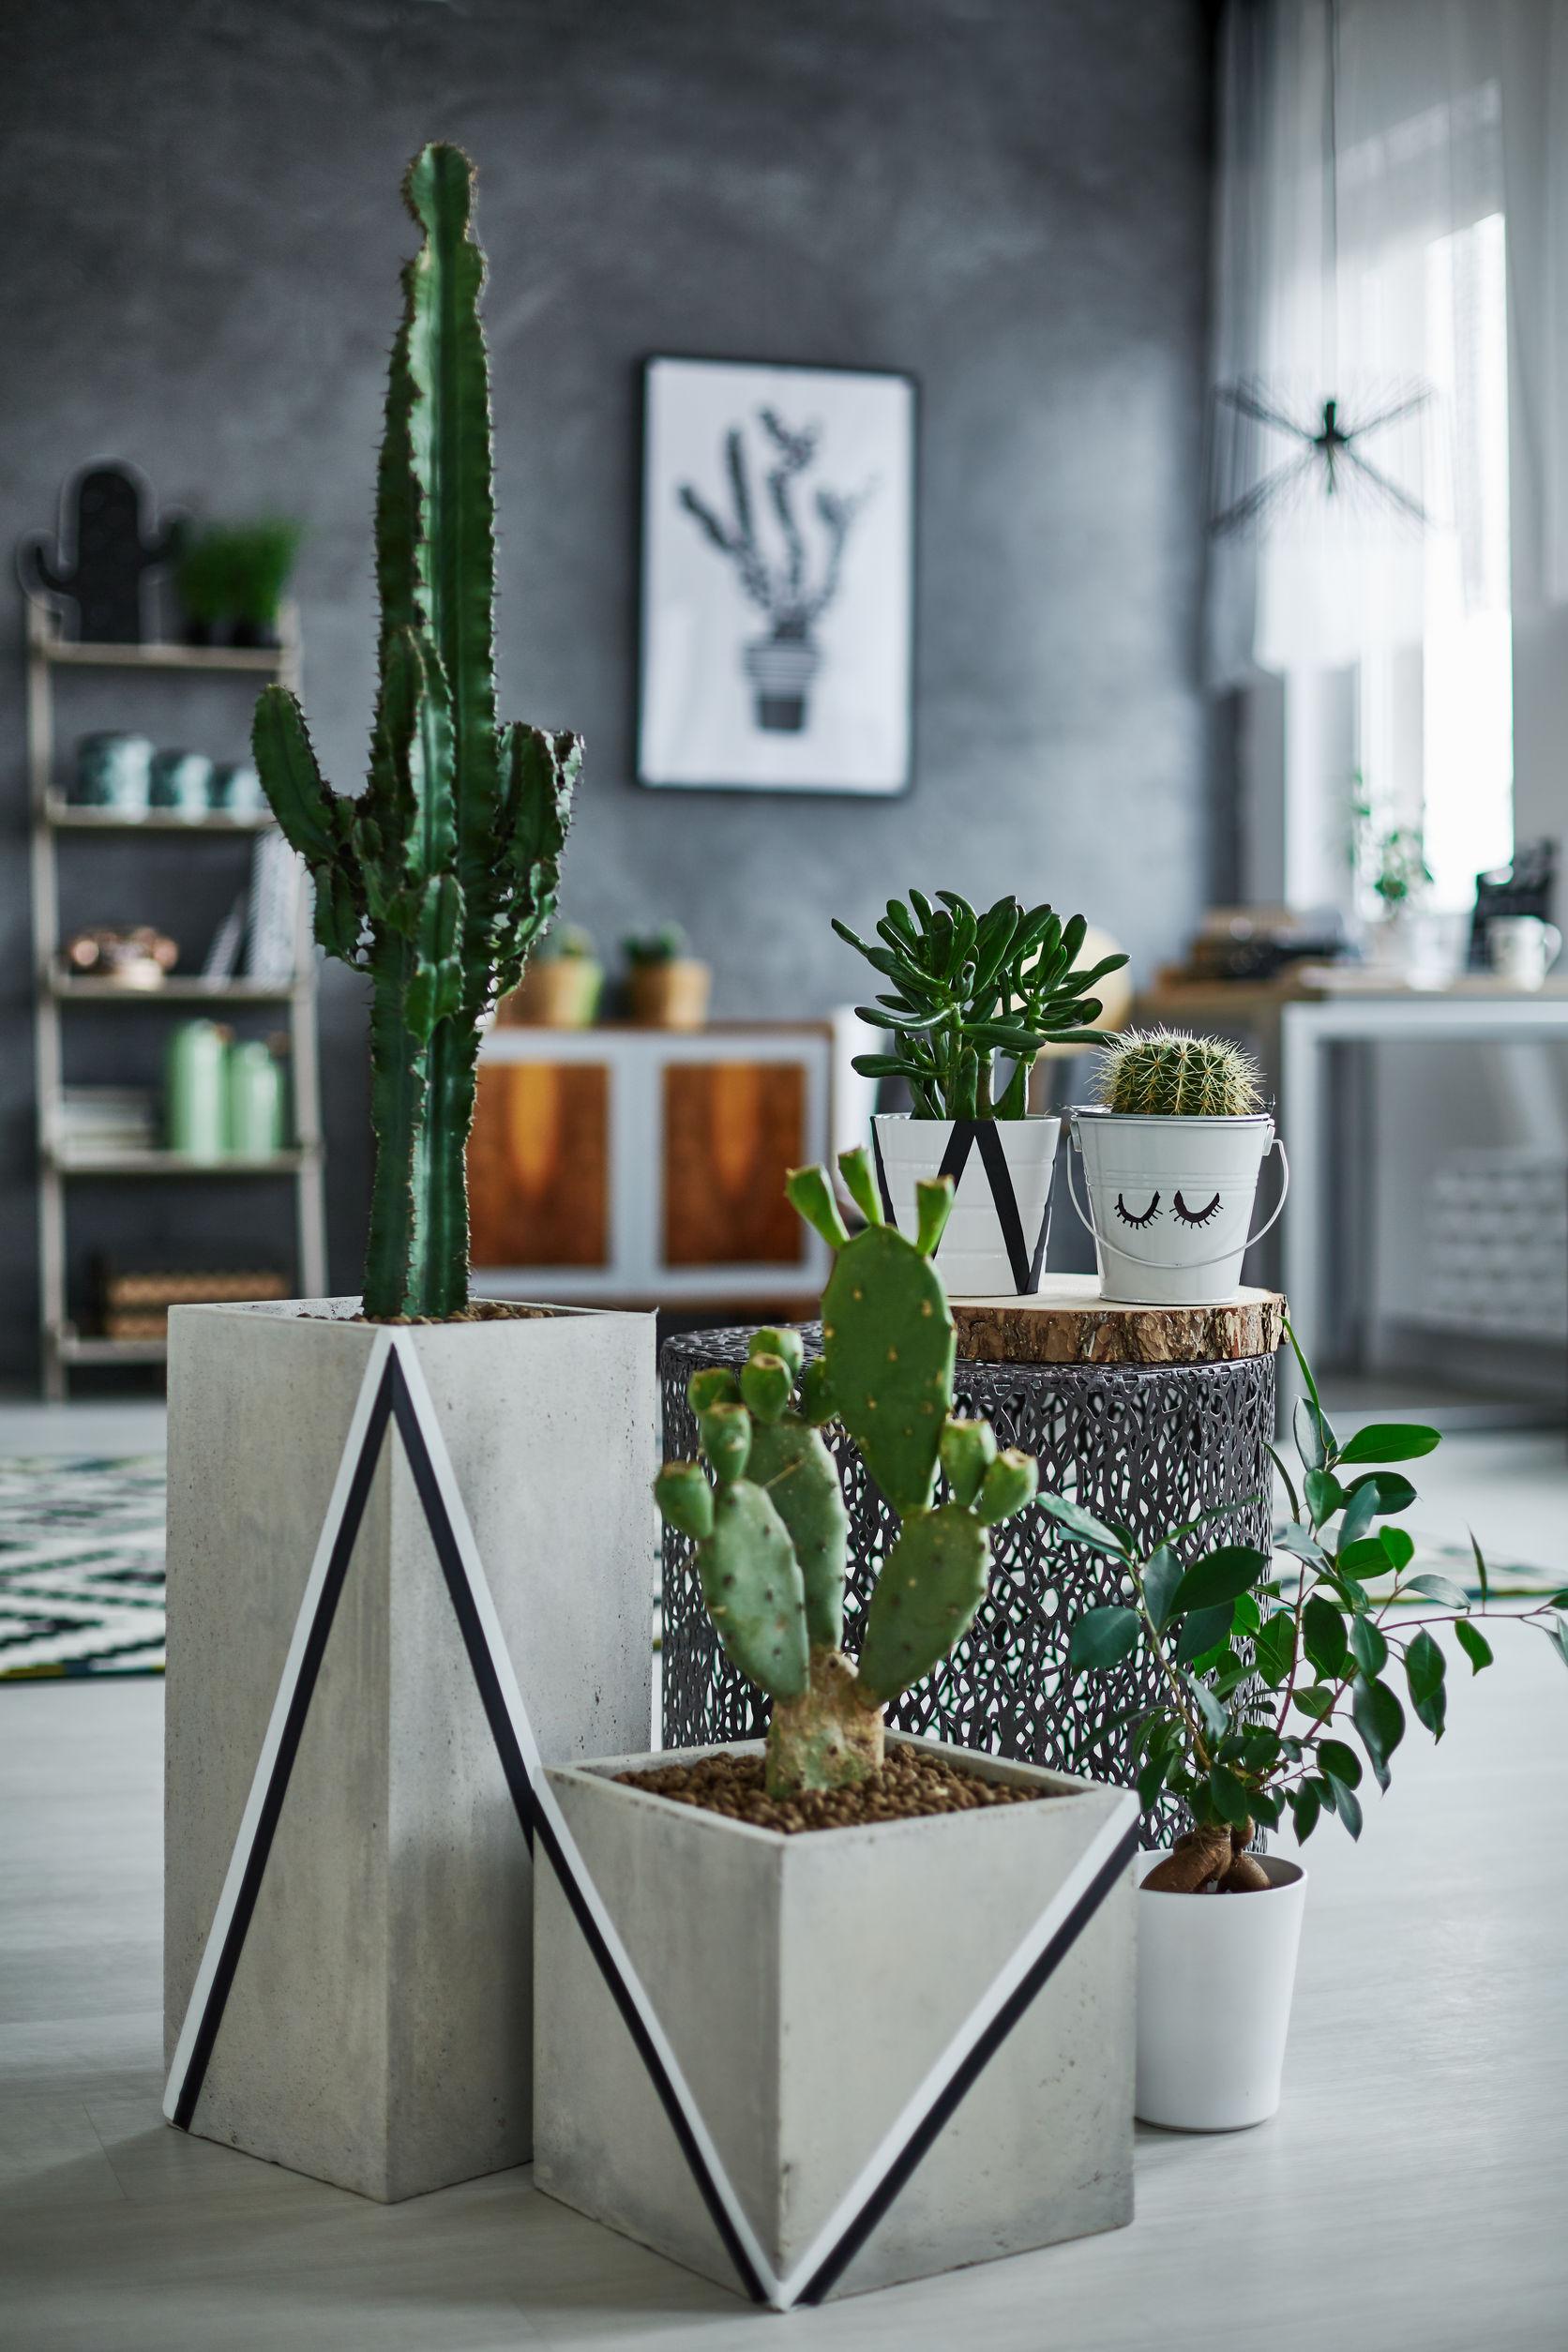 Comment dcorer votre intrieur avec des plantes vertes